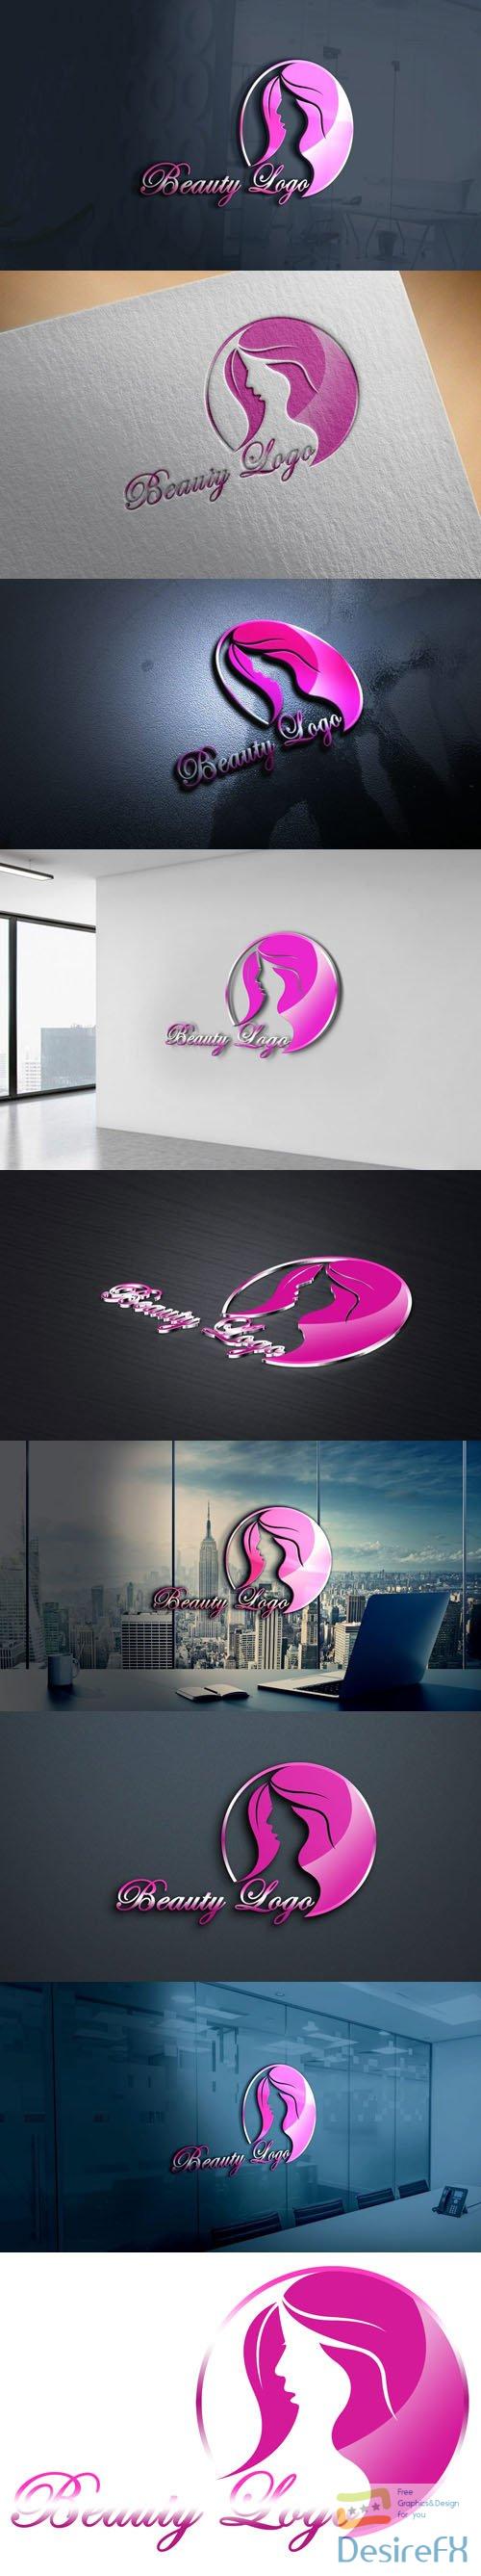 Beauty Logo Design PSD Template